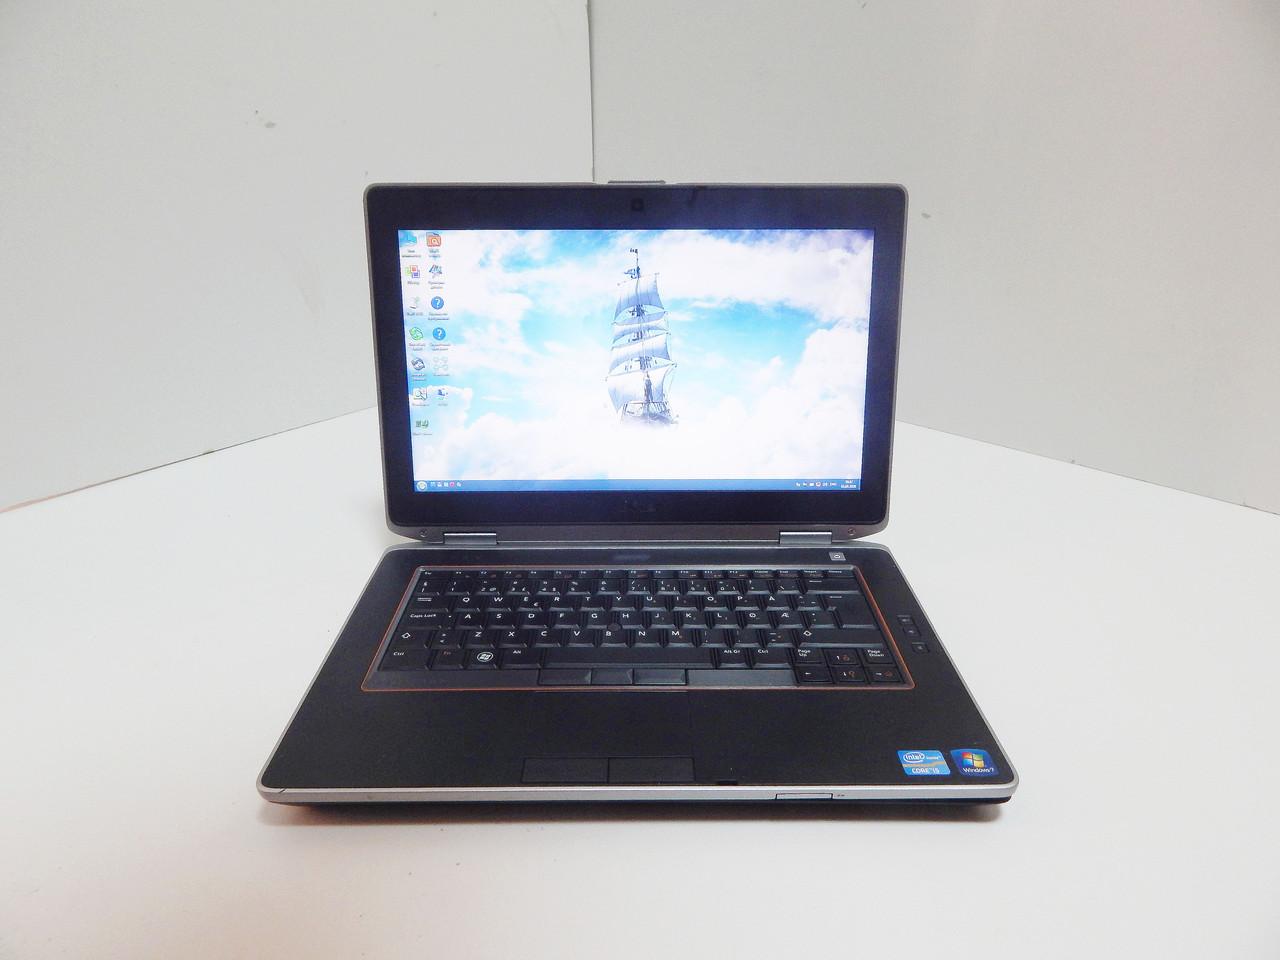 """Ноутбук Dell E6420 14"""" LED / Intel Core i5-2430M (3.0 ГГц) / 8 ГБ / SSD 128 ГБ / nVidia Quadro NVS 1 ГБ"""